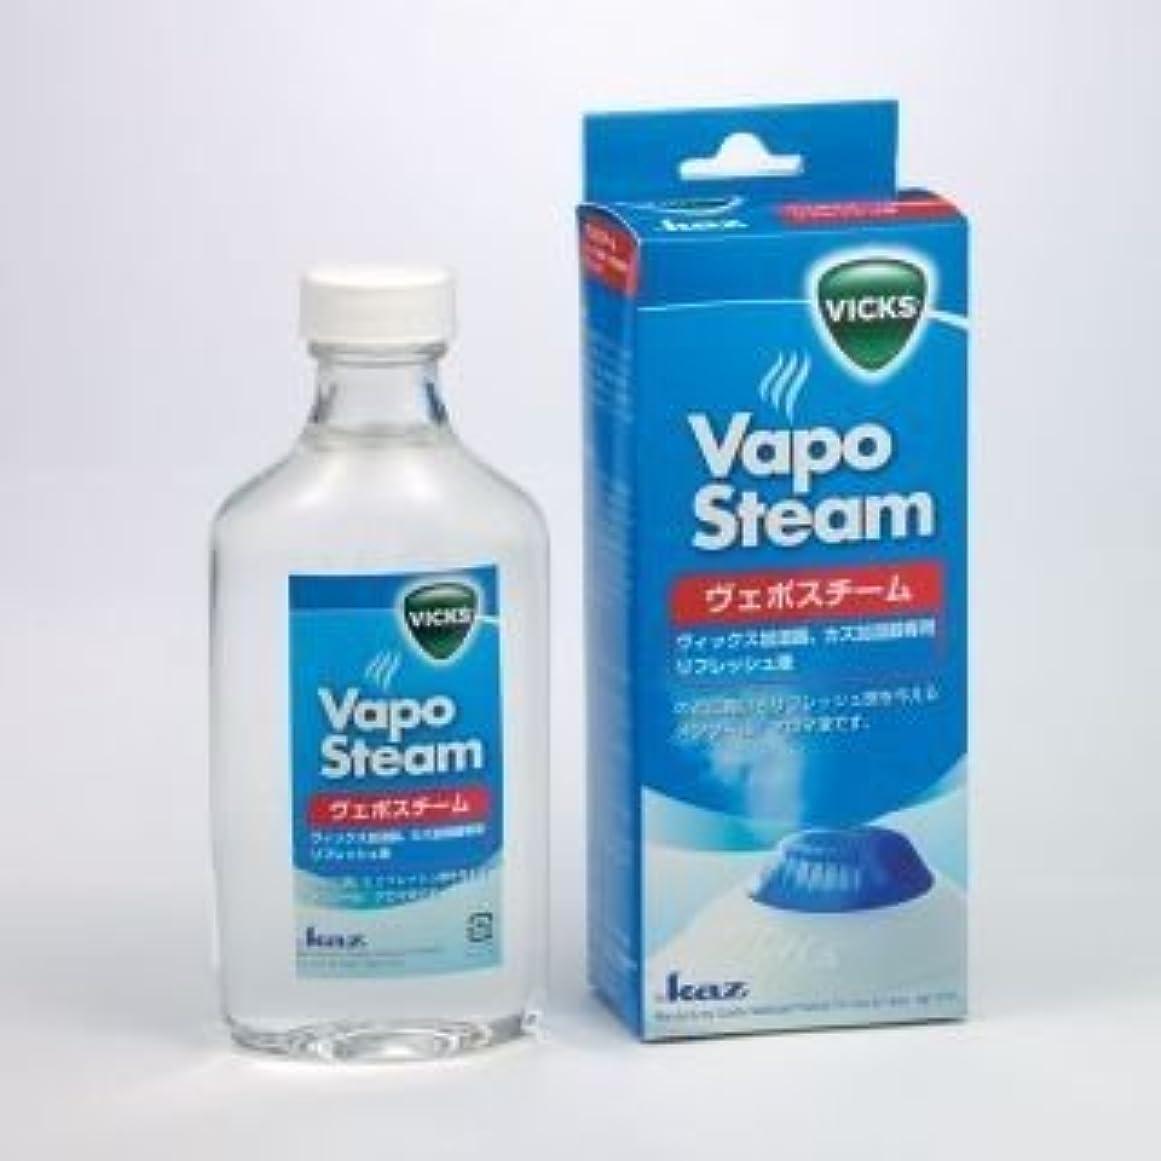 比較セクションフォーク喉に潤いとリフレッシュ感を与えるアロマテラピー液!加湿器から噴出されるスチームとともにメンソール成分の入ったリフレッシュ液の香りが一緒に発散!【4個セット】